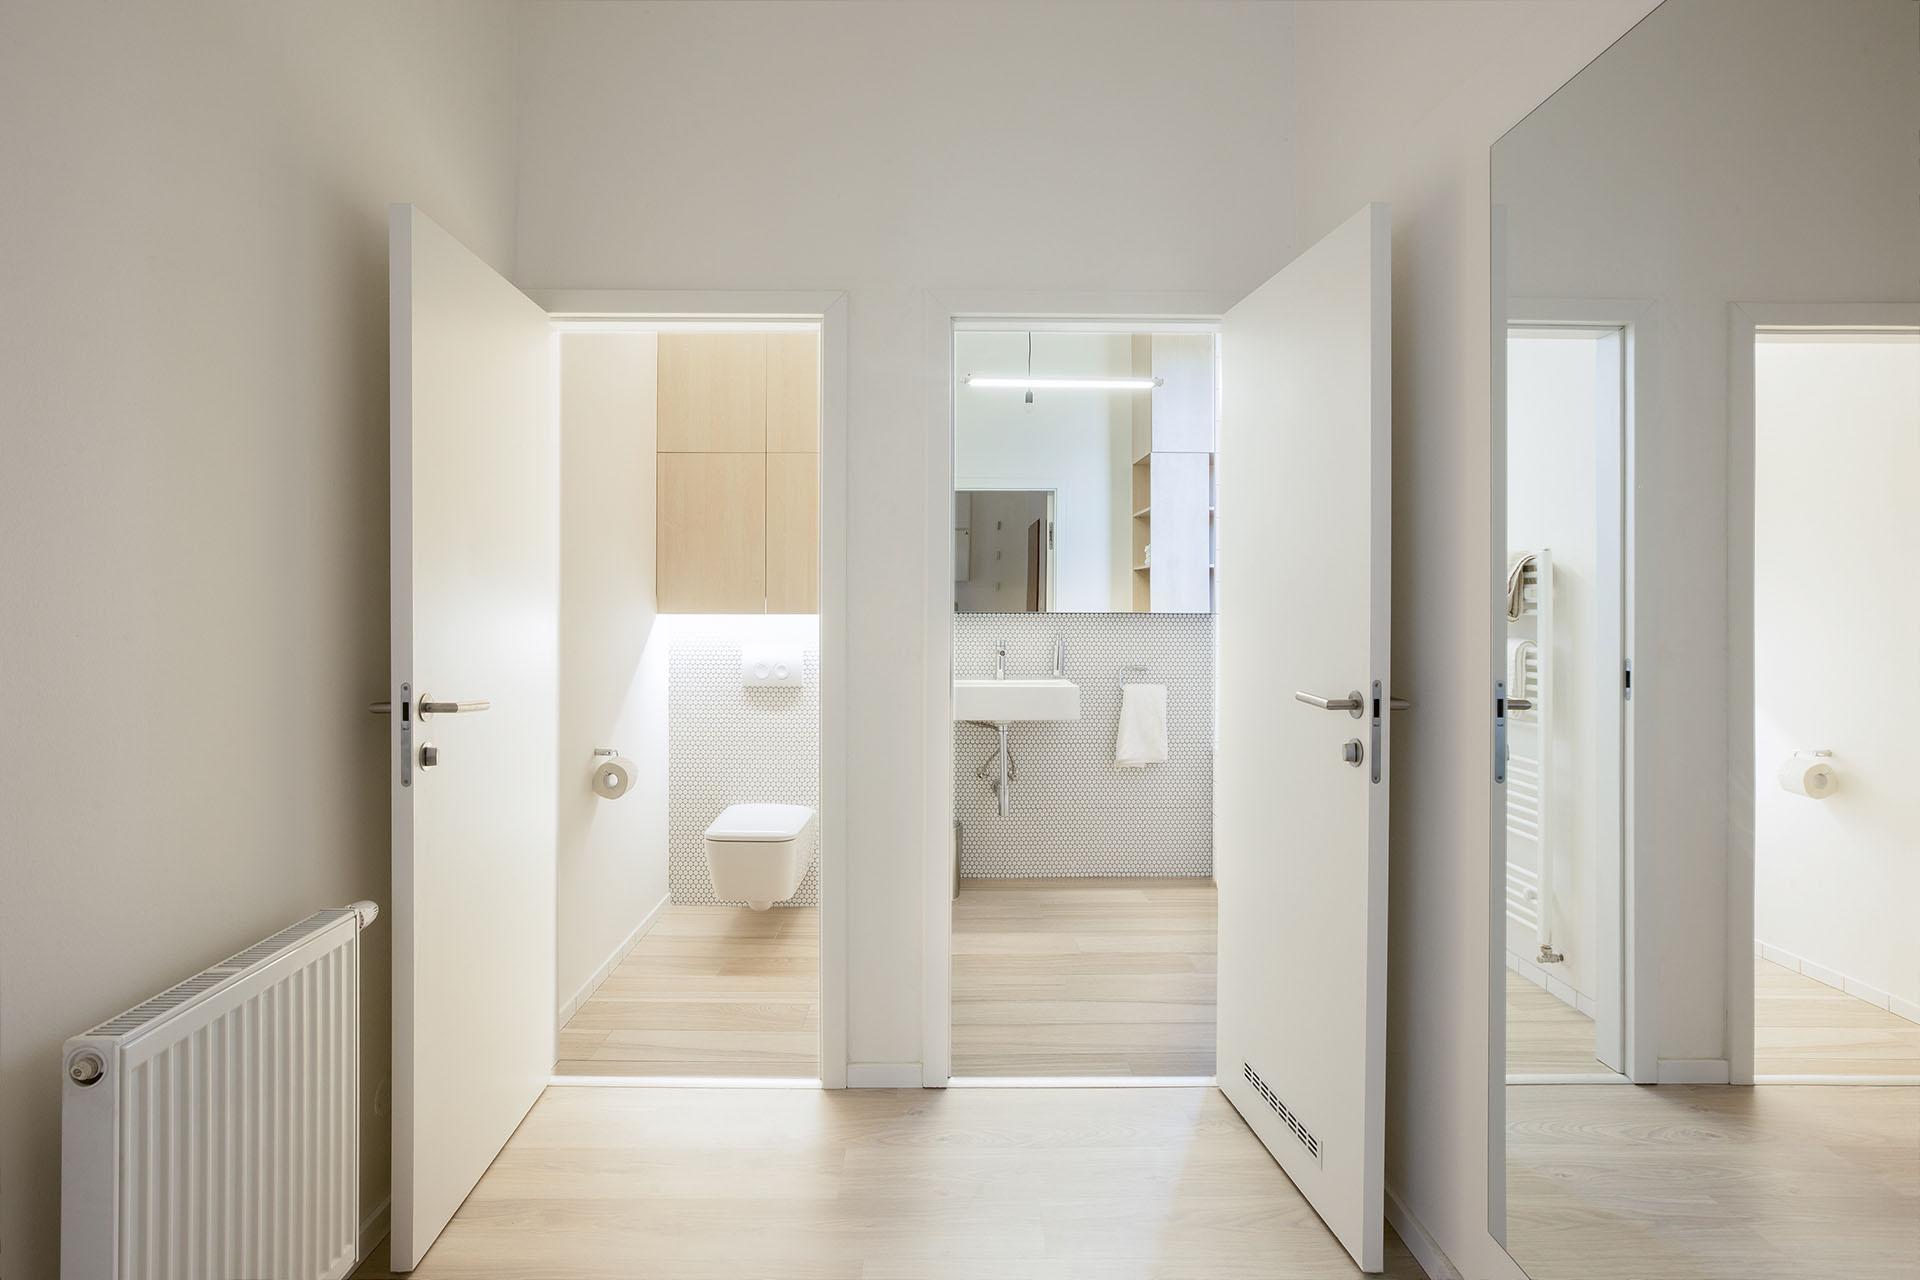 Vstupní hala bytu s napojením na toaletu a koupelnu